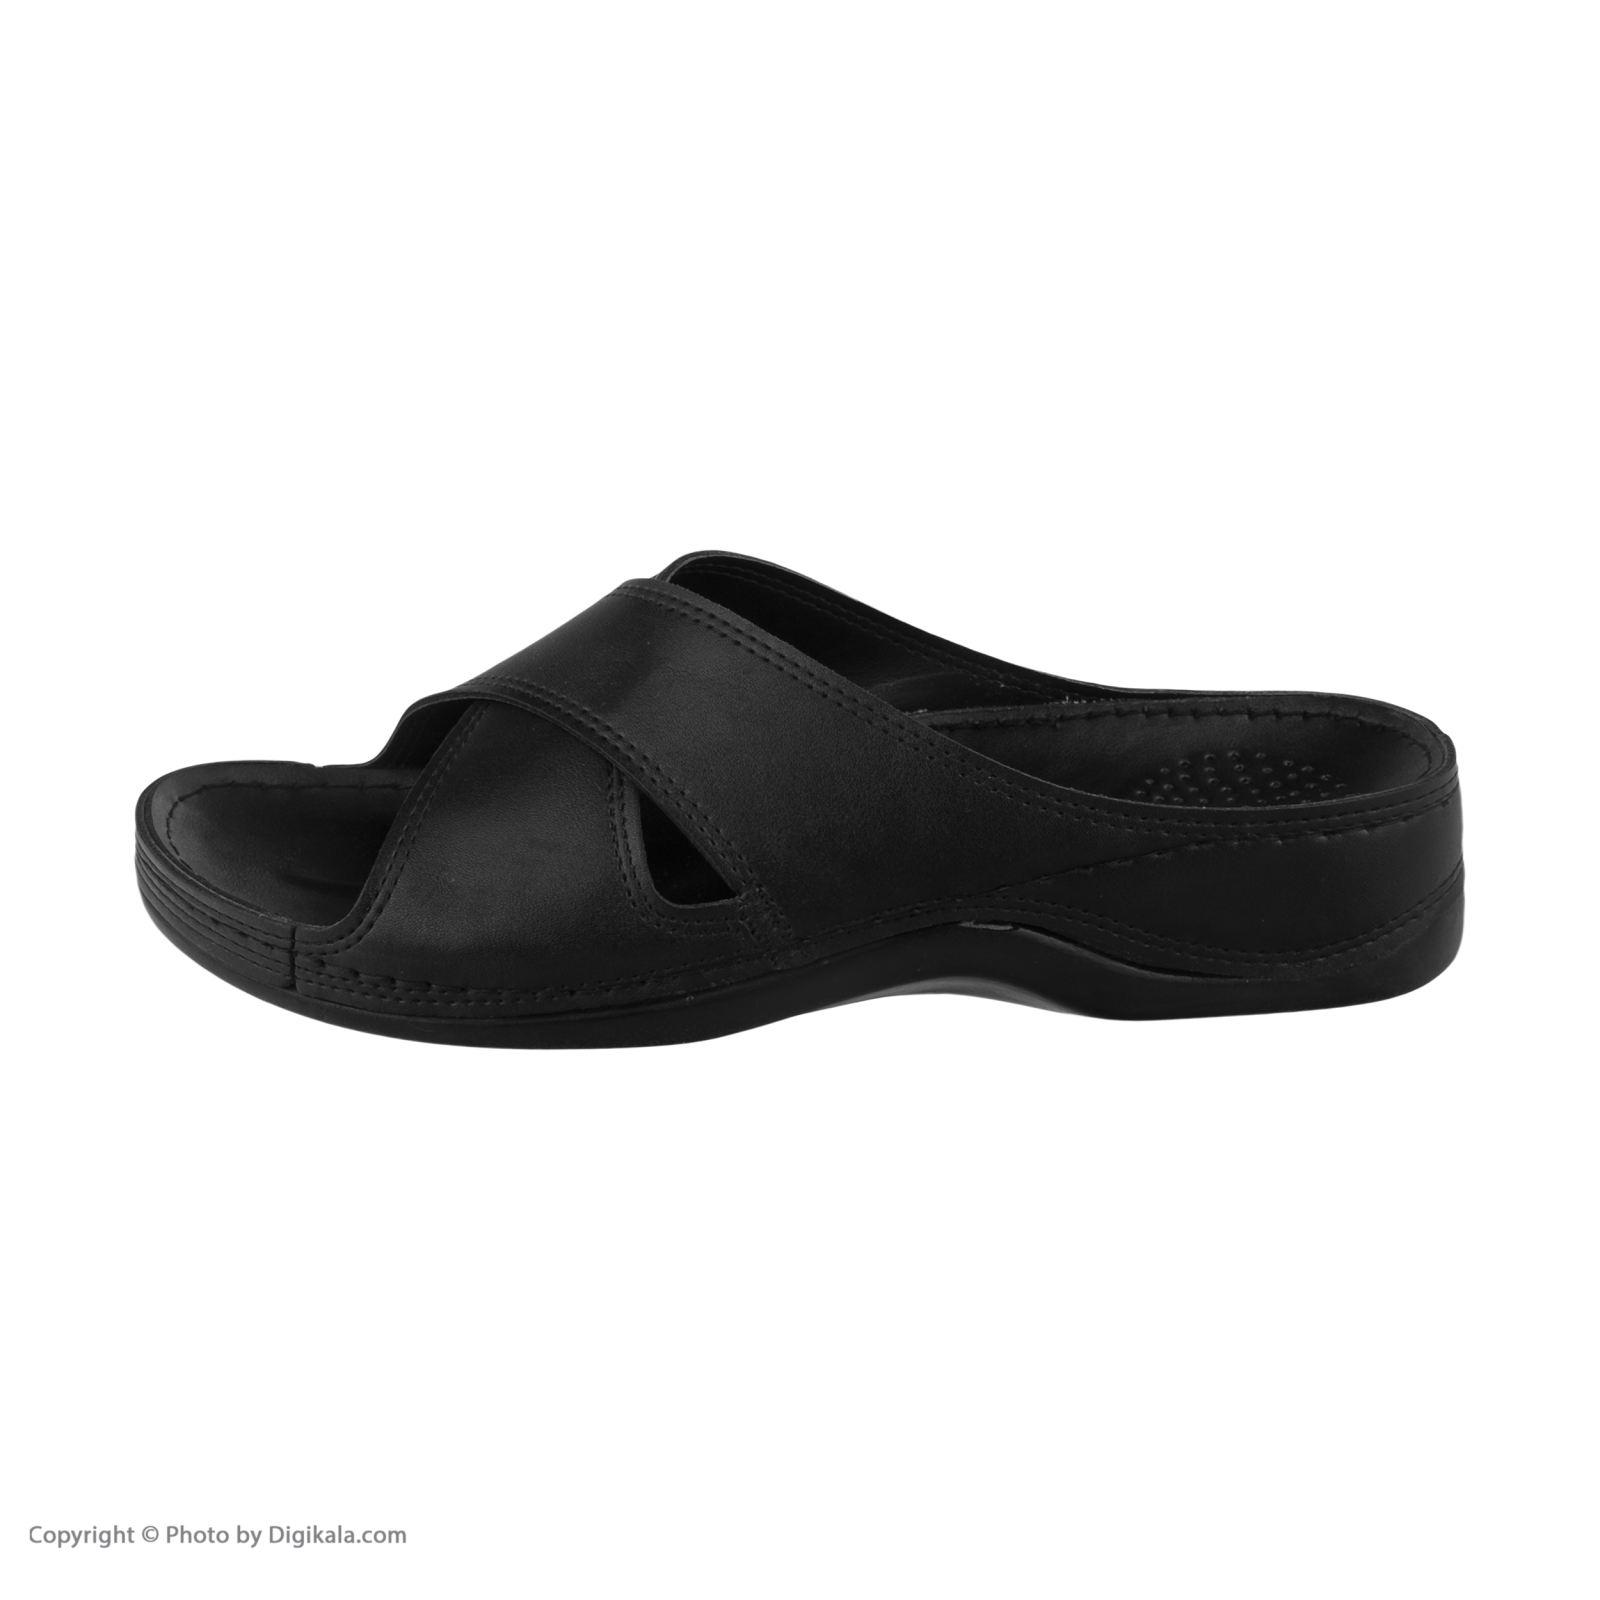 دمپایی زنانه کفش آویده کد av-0304501 رنگ مشکی -  - 4